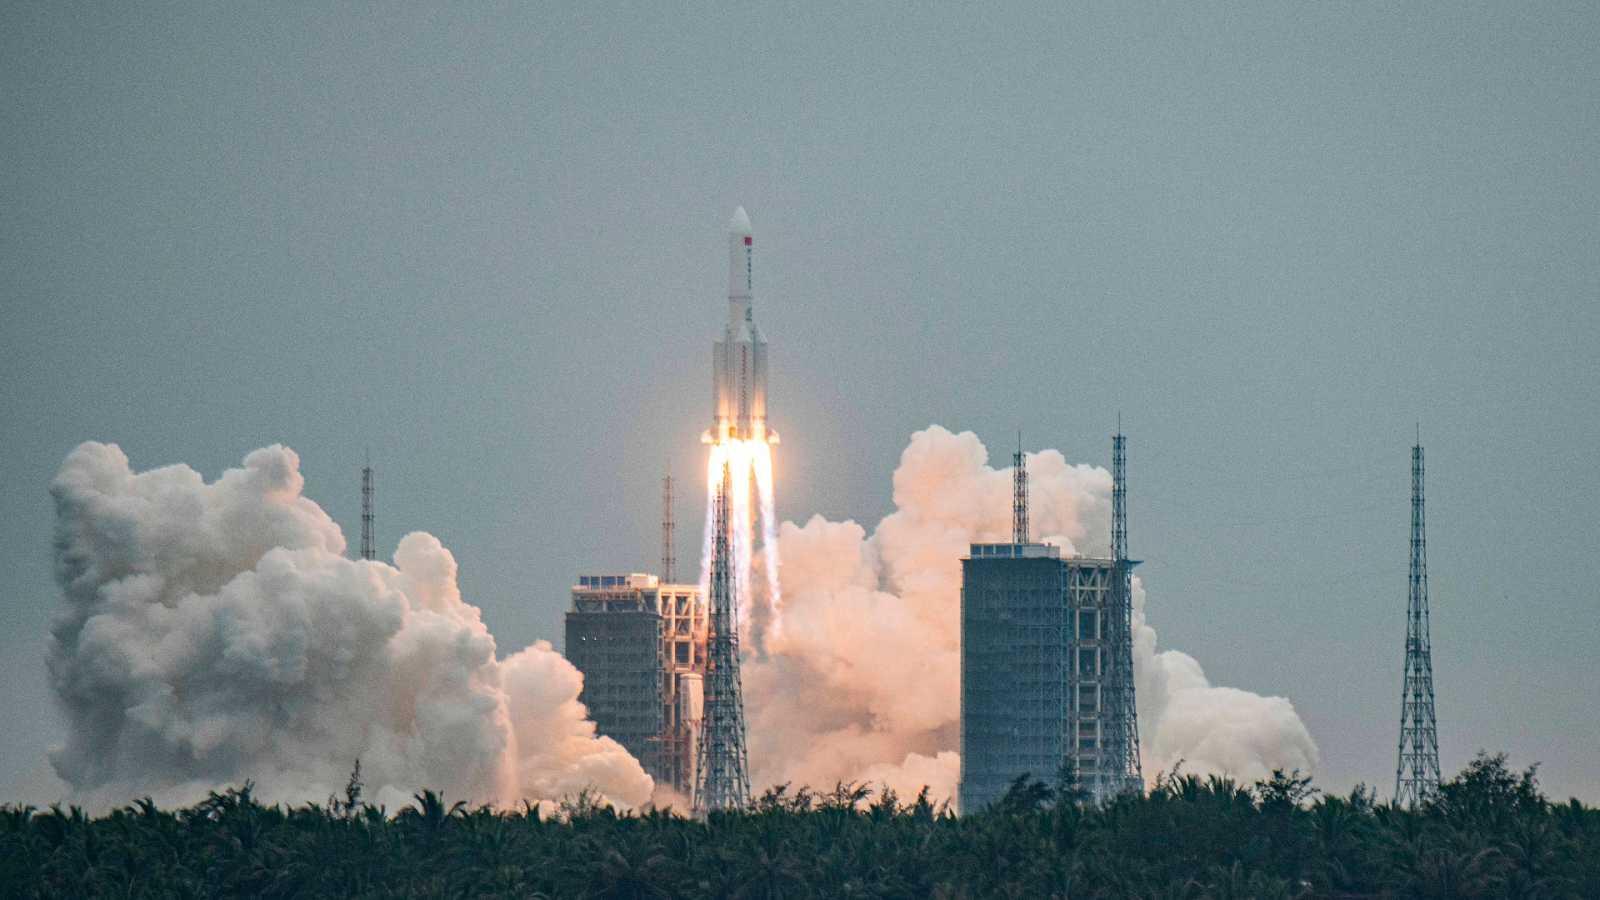 Más cerca - Vigilan la caída de un cohete chino fuera de control - Escuchar ahora